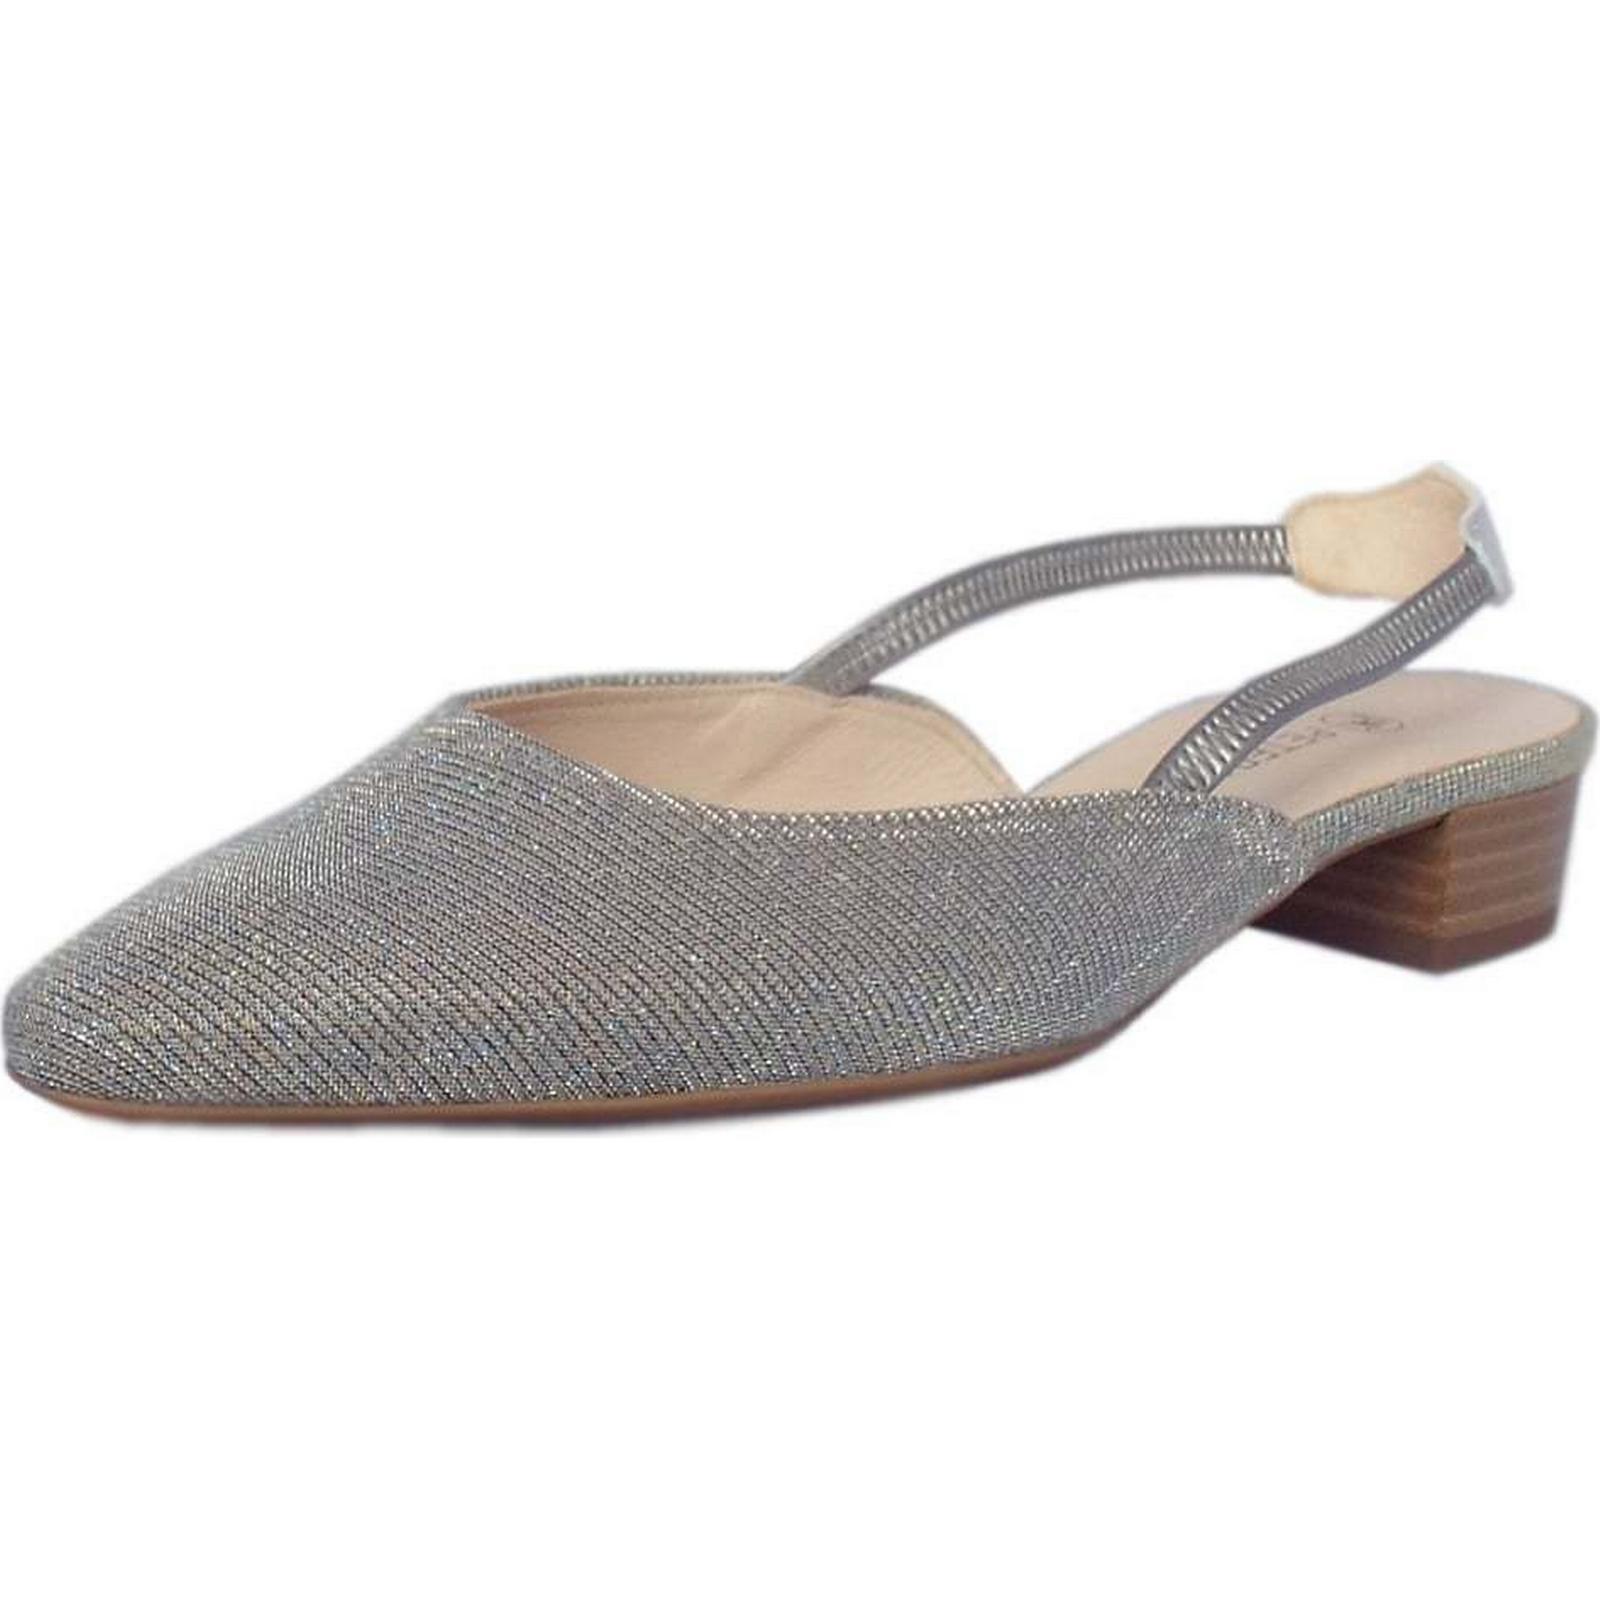 peter kaiser sandales castra peter kaiser mesdames sandales kaiser taille: 6,5 828c71